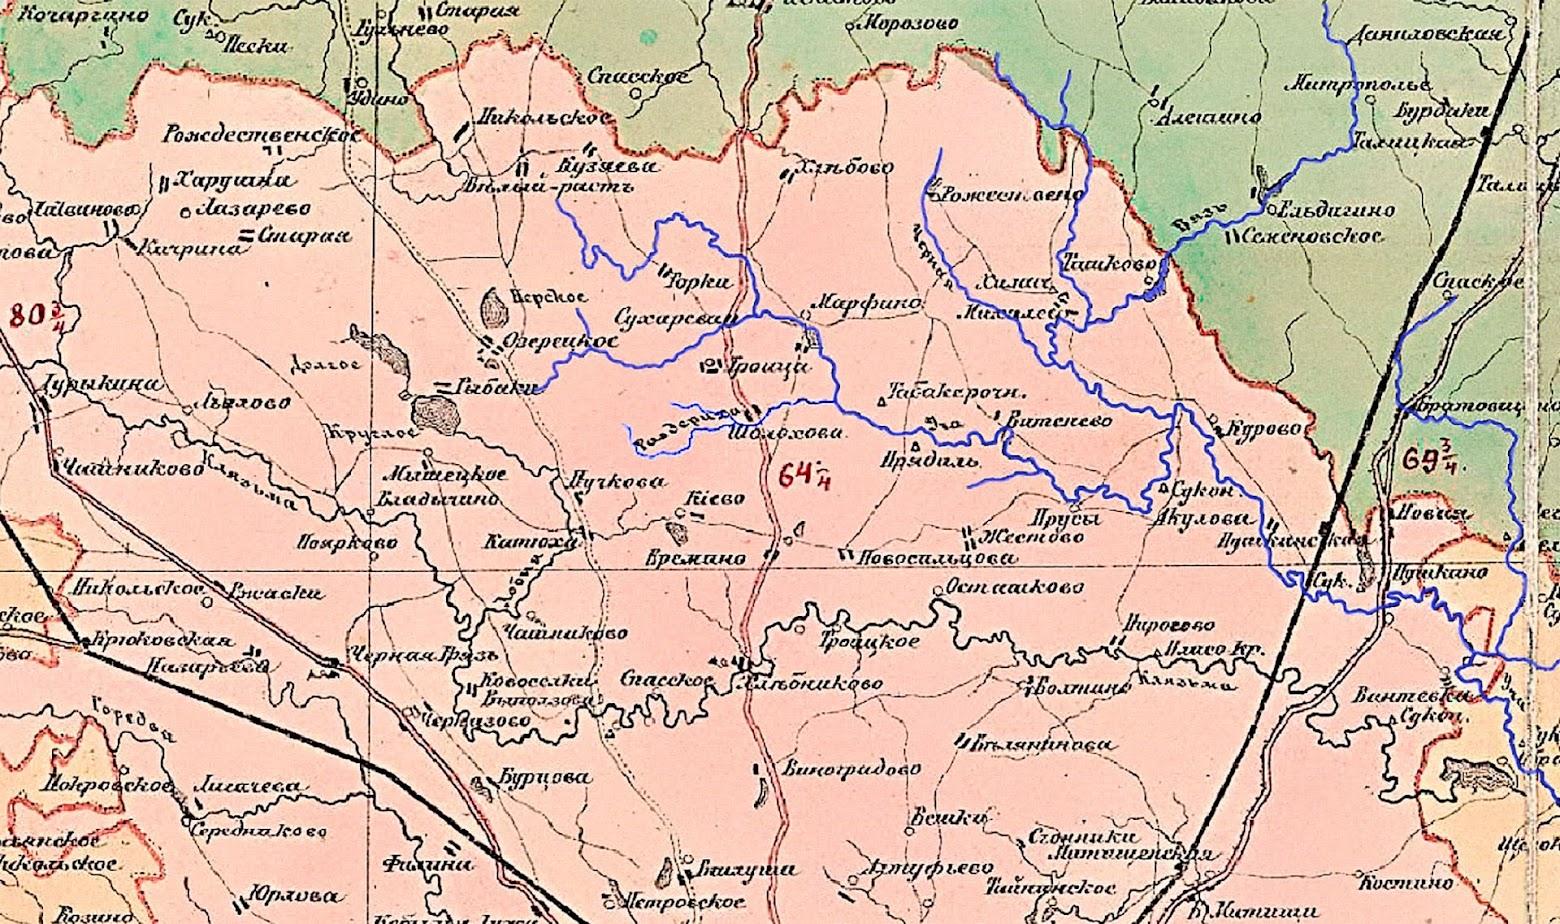 Карта Московской губернии Тодта 1873 года - фрагмент